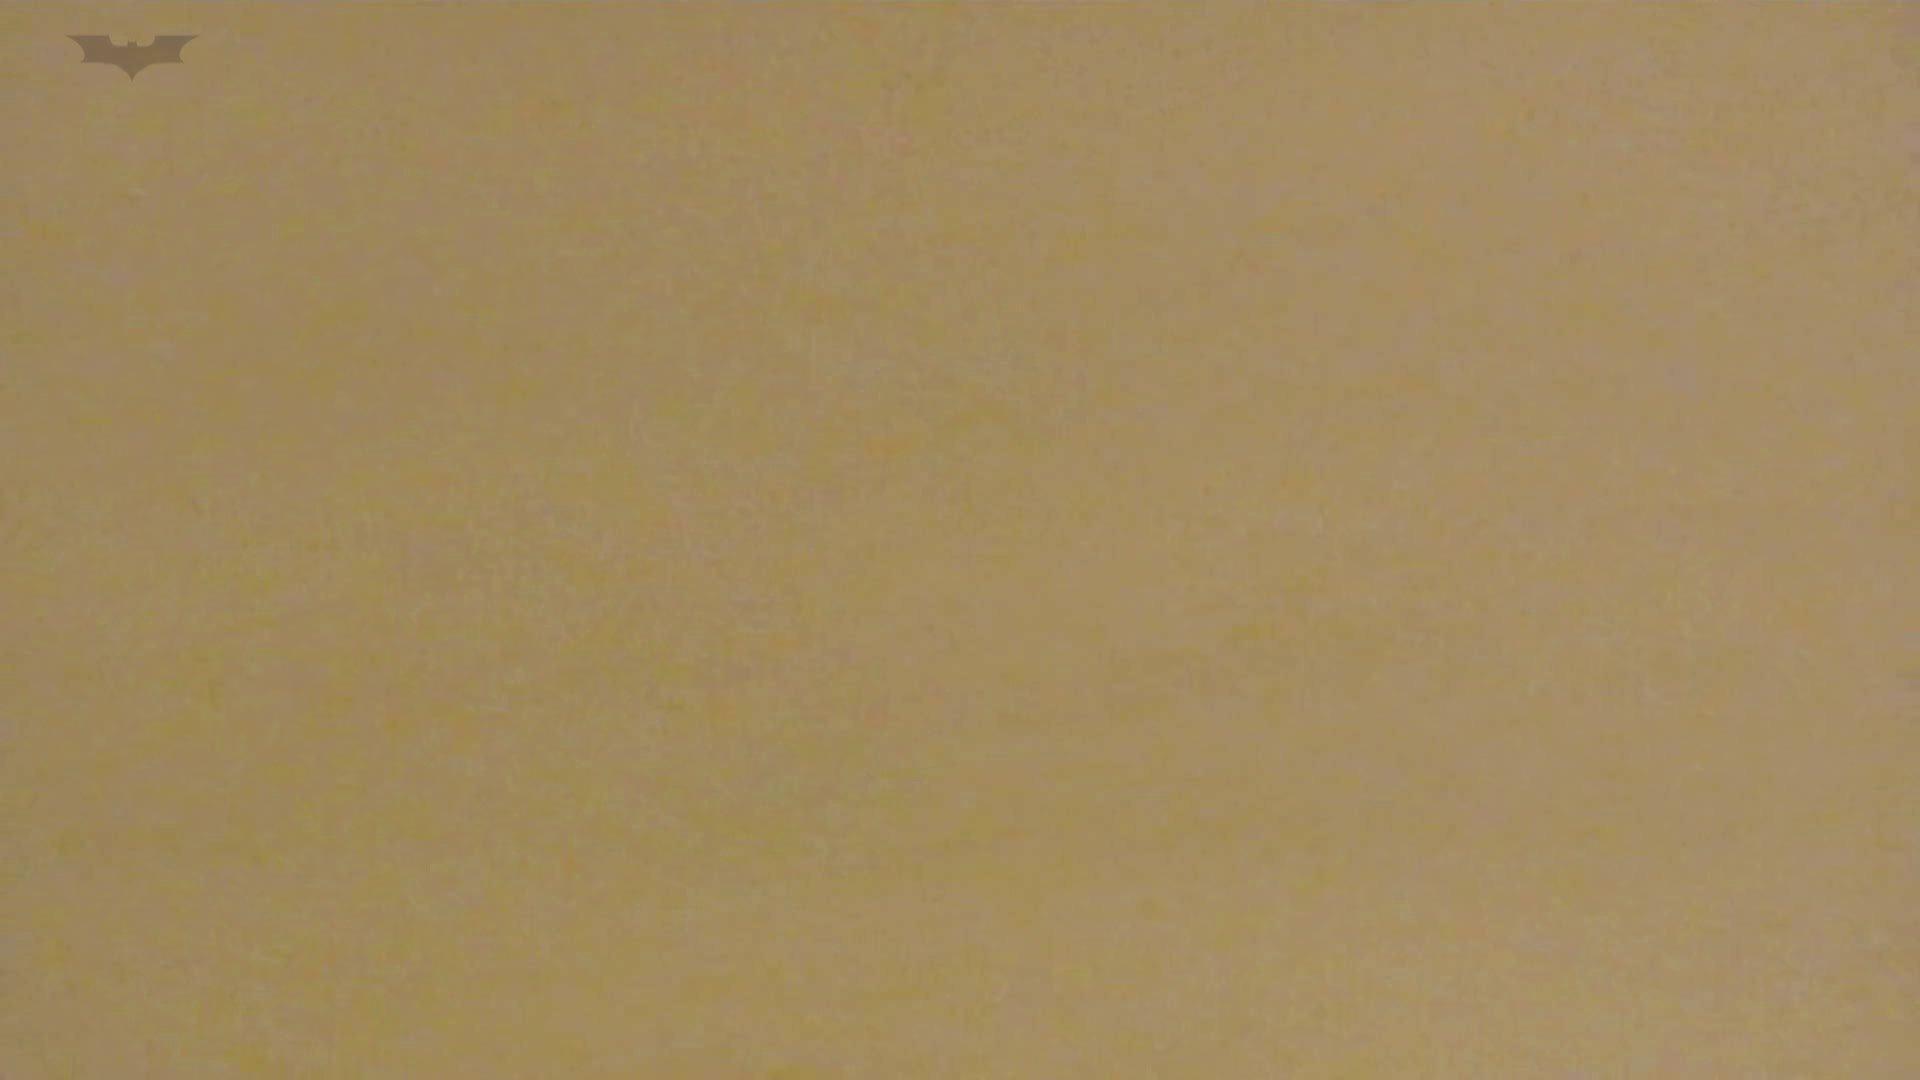 新世界の射窓 No73 185cm!スニーカーでも頭がでちゃうモデル特集 洗面所 | 盛合せ  79画像 74